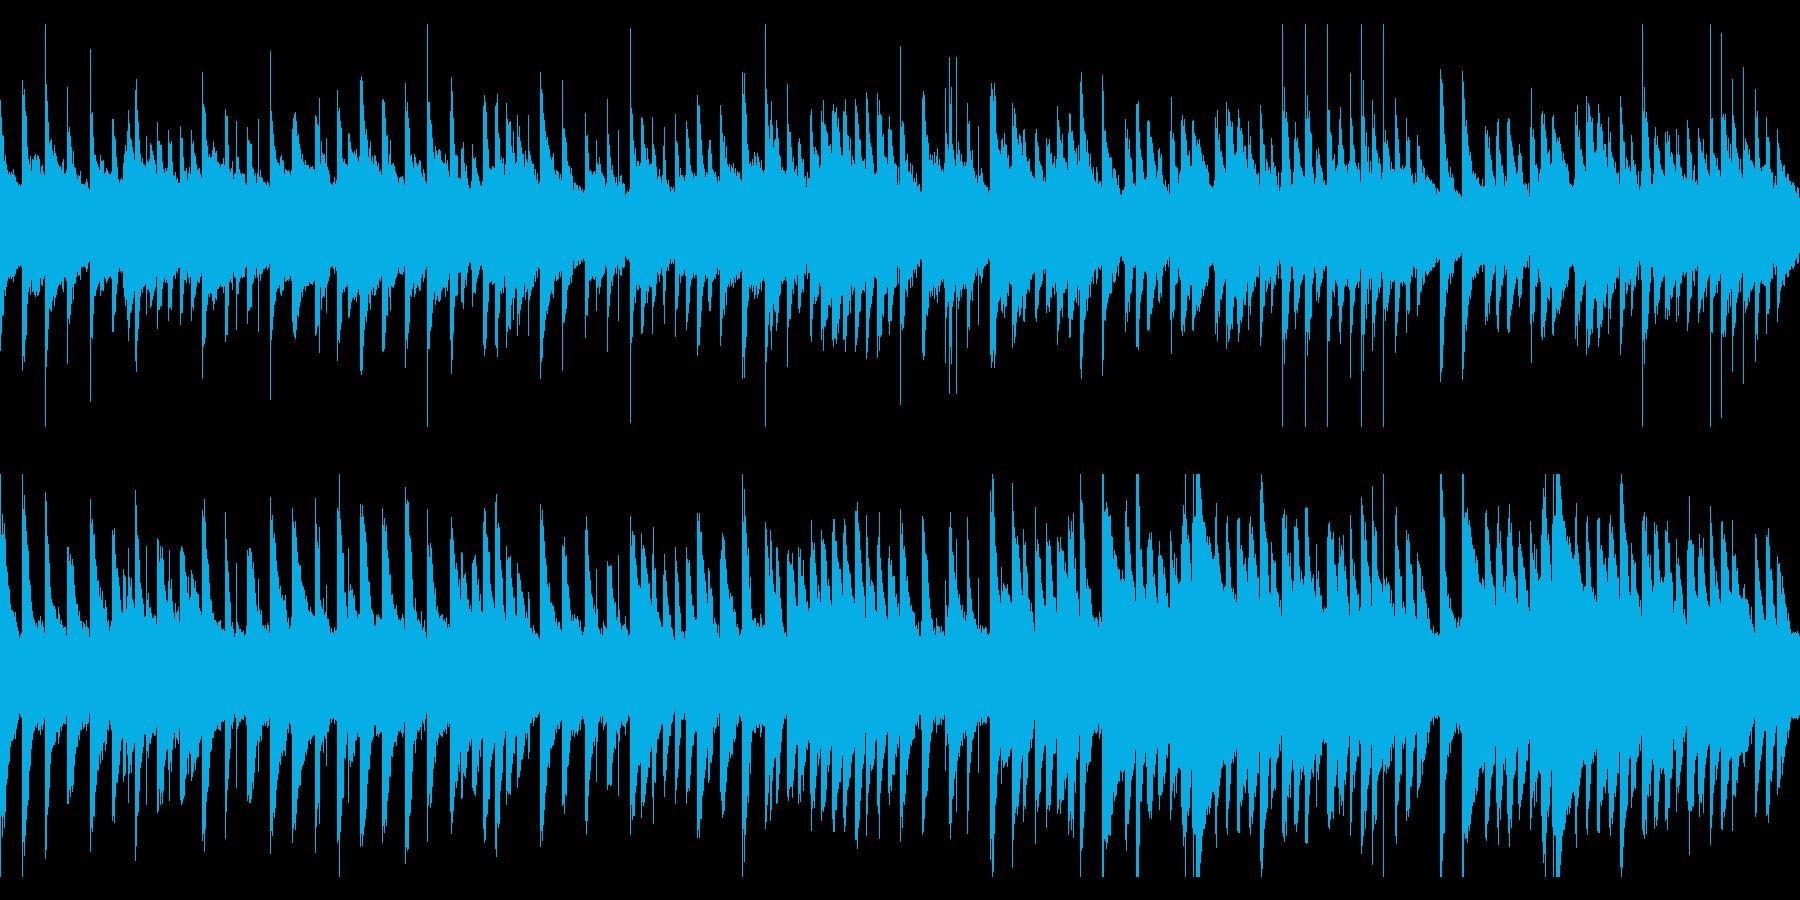 鉄琴のBGM(ループ)の再生済みの波形